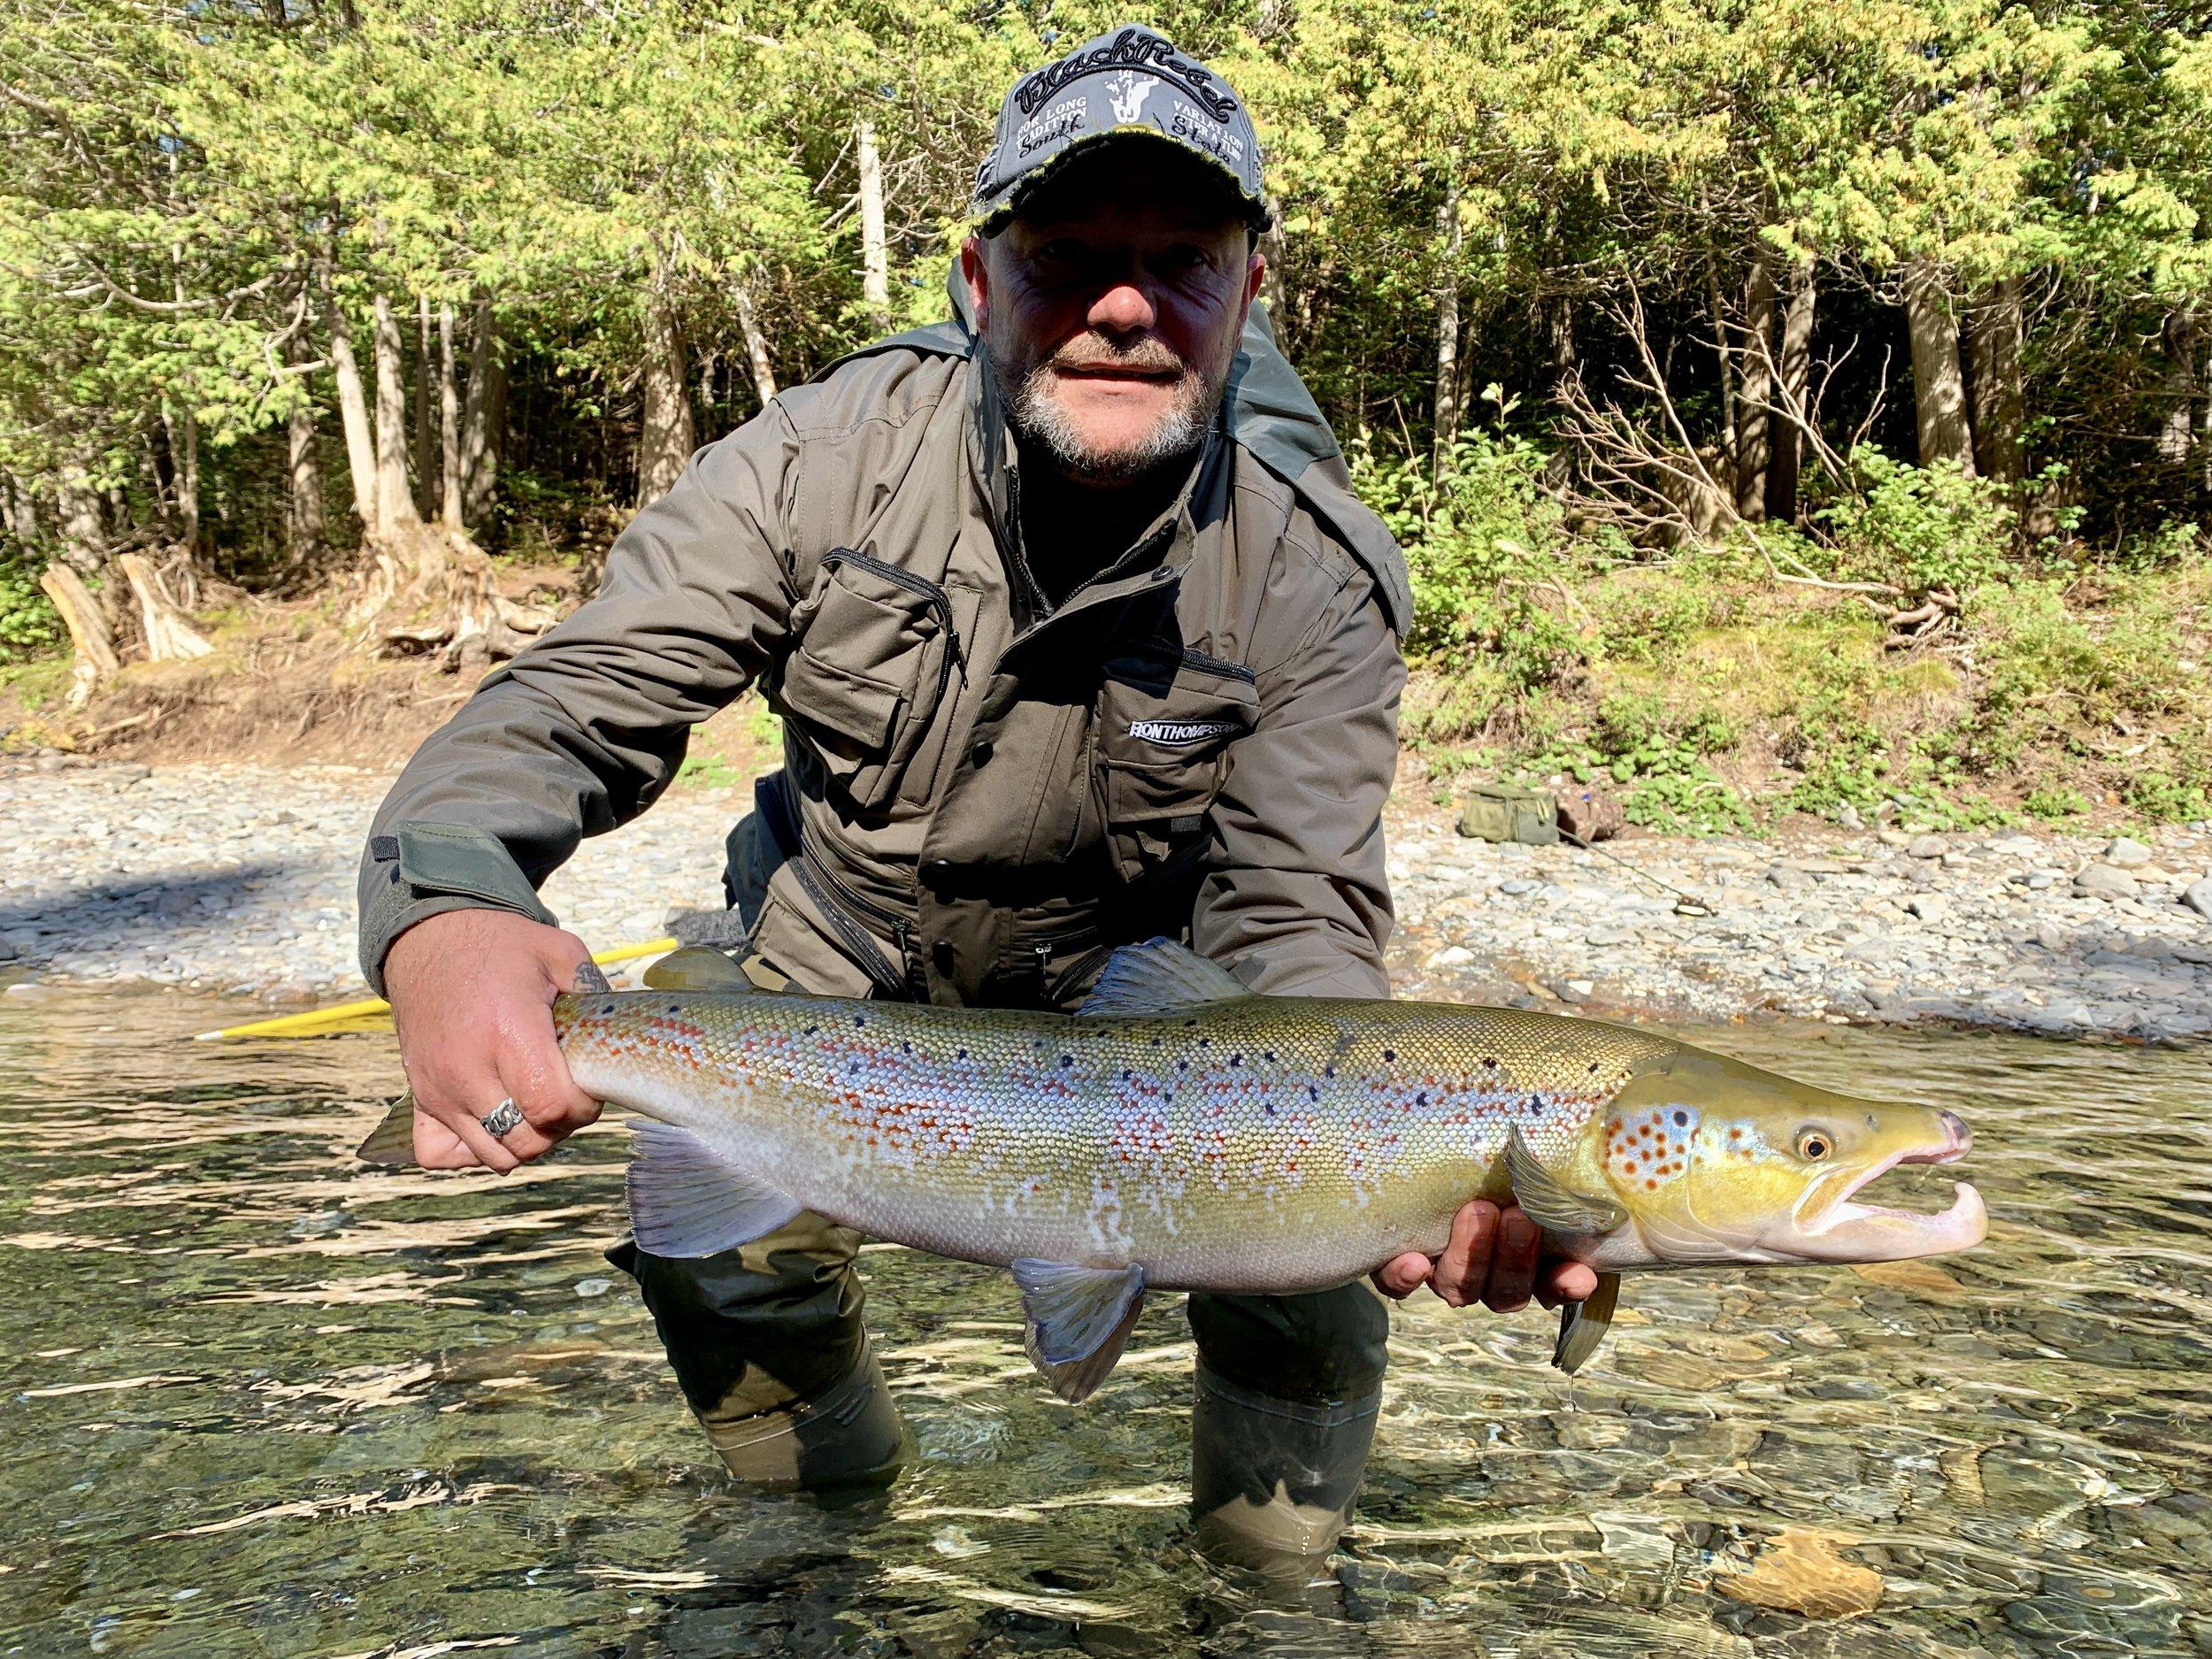 Dion Grinbergs a capturé ce beau spécimen de mâle dans la Bonaventure! Magnifique prise, Dion! Beau travail!